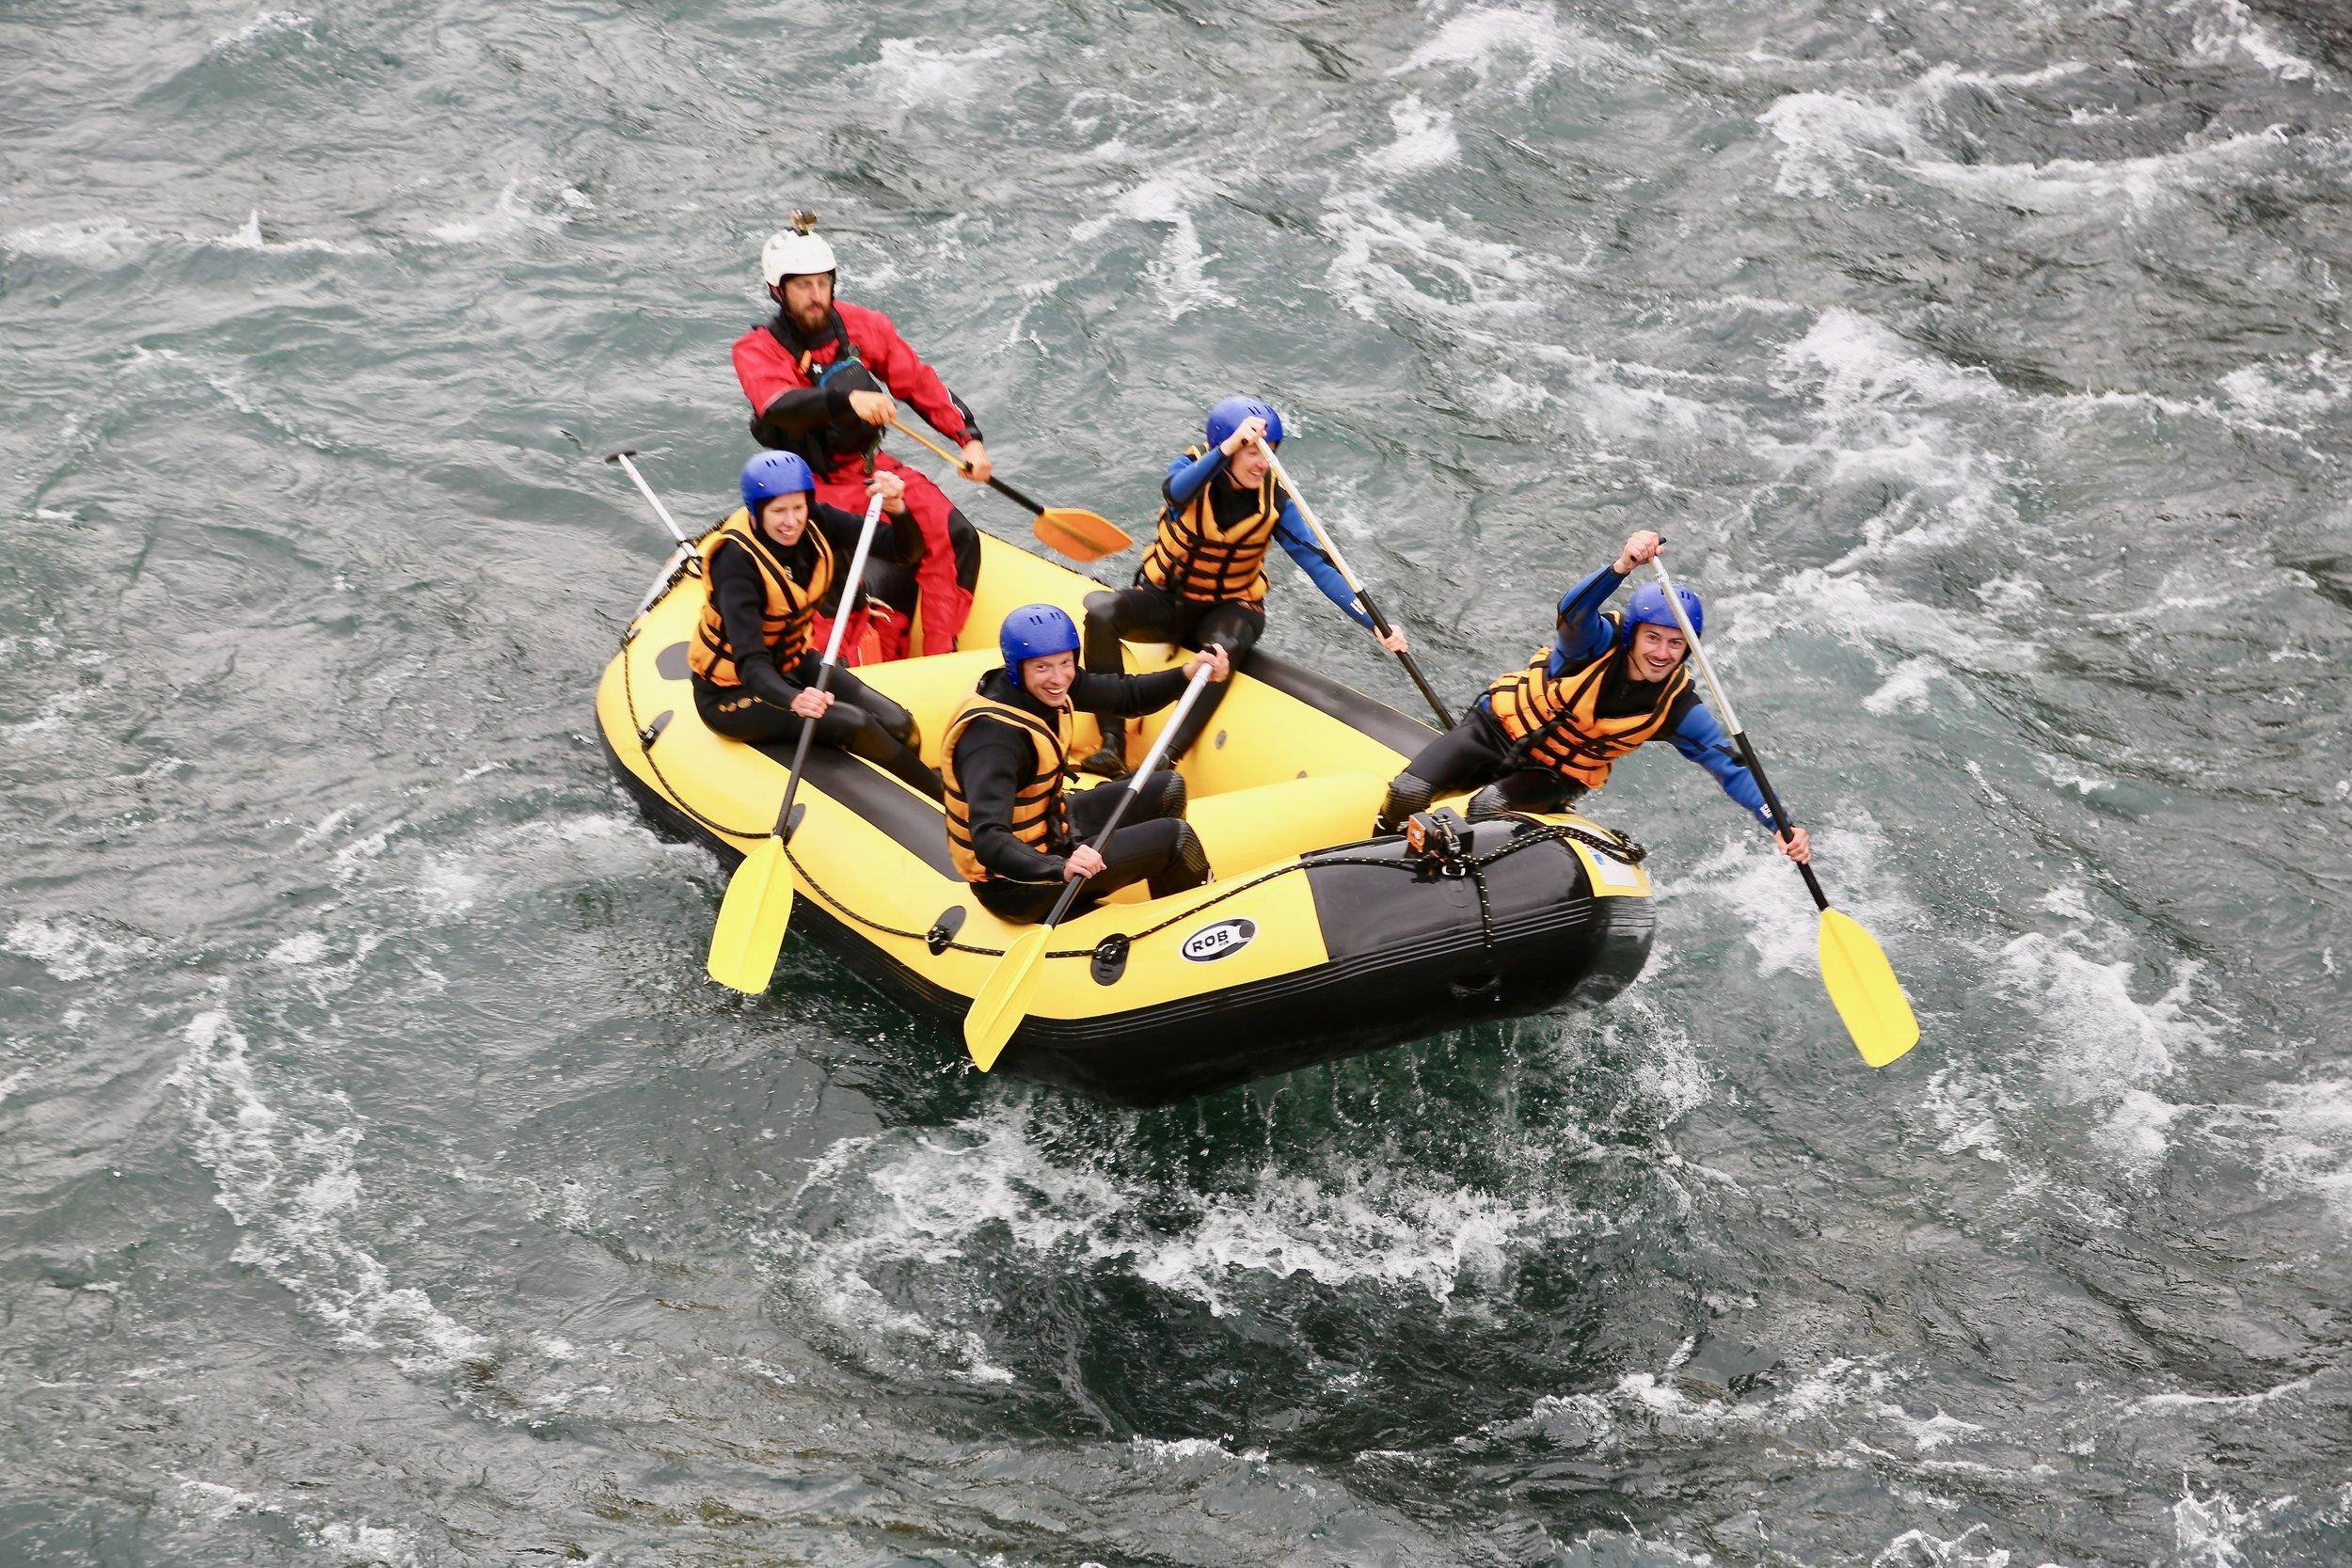 Vått og moro: Rafting er blitt en populær sommeraktivitet. Men du kan selvsagt velge langt mindre krevede ferieopplevelser i deilige Norge.                                         Foto: Odd Roar Lange